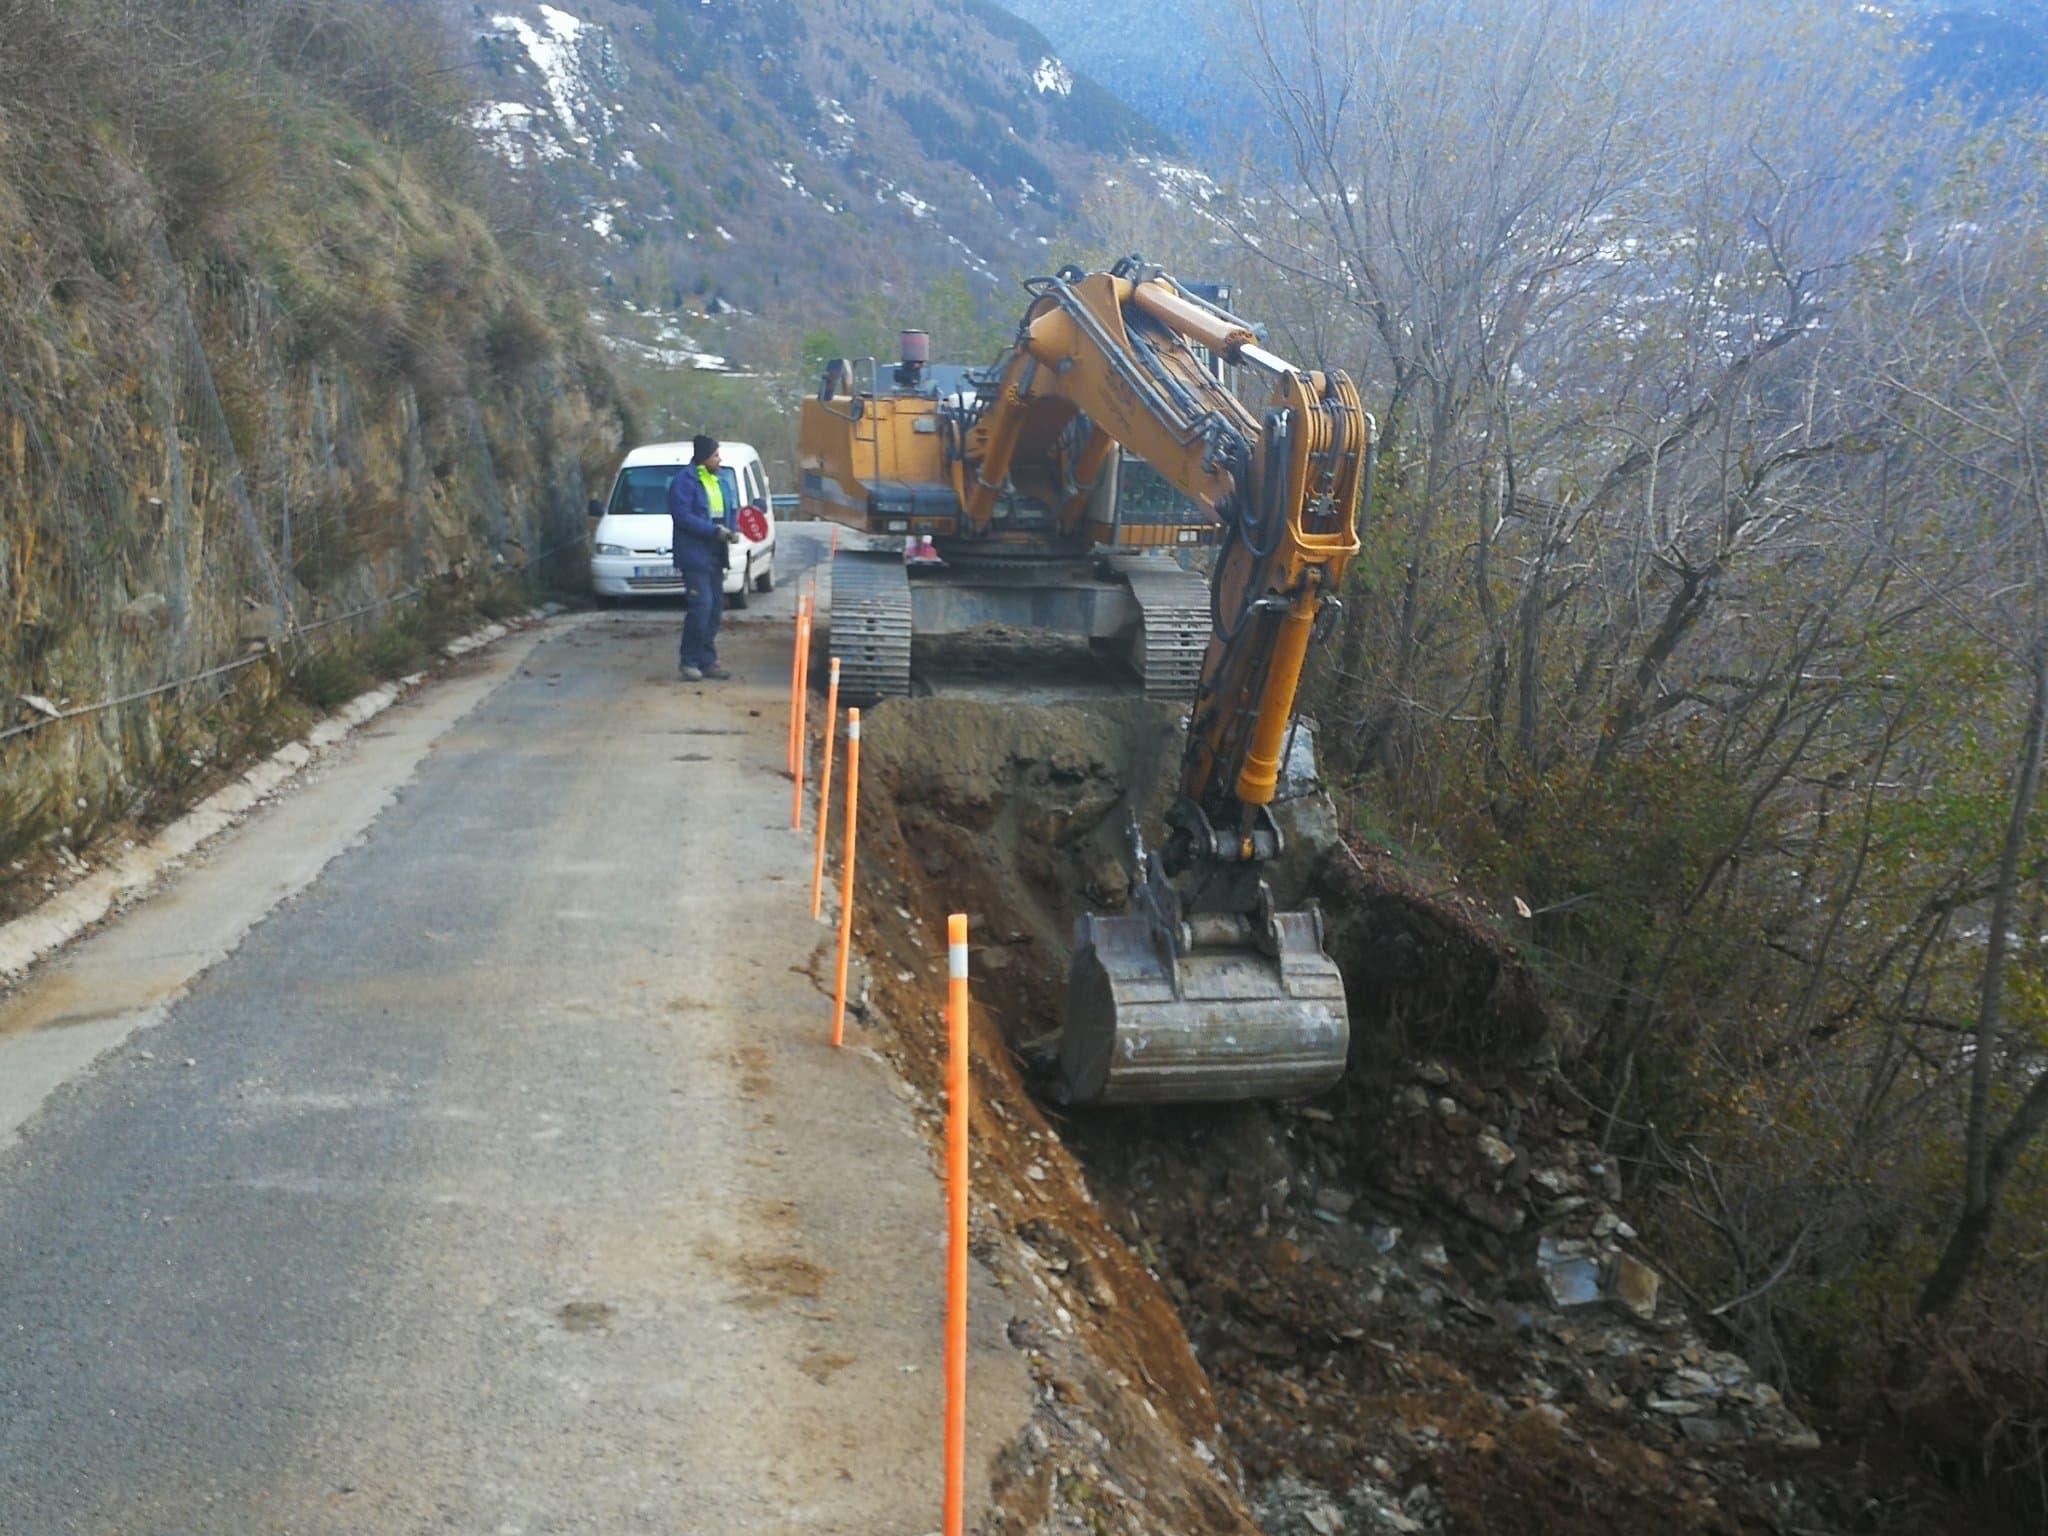 Restriccions de trànsit per obres a la carretera per accedir a Mont i Montcorbau, a Vielha